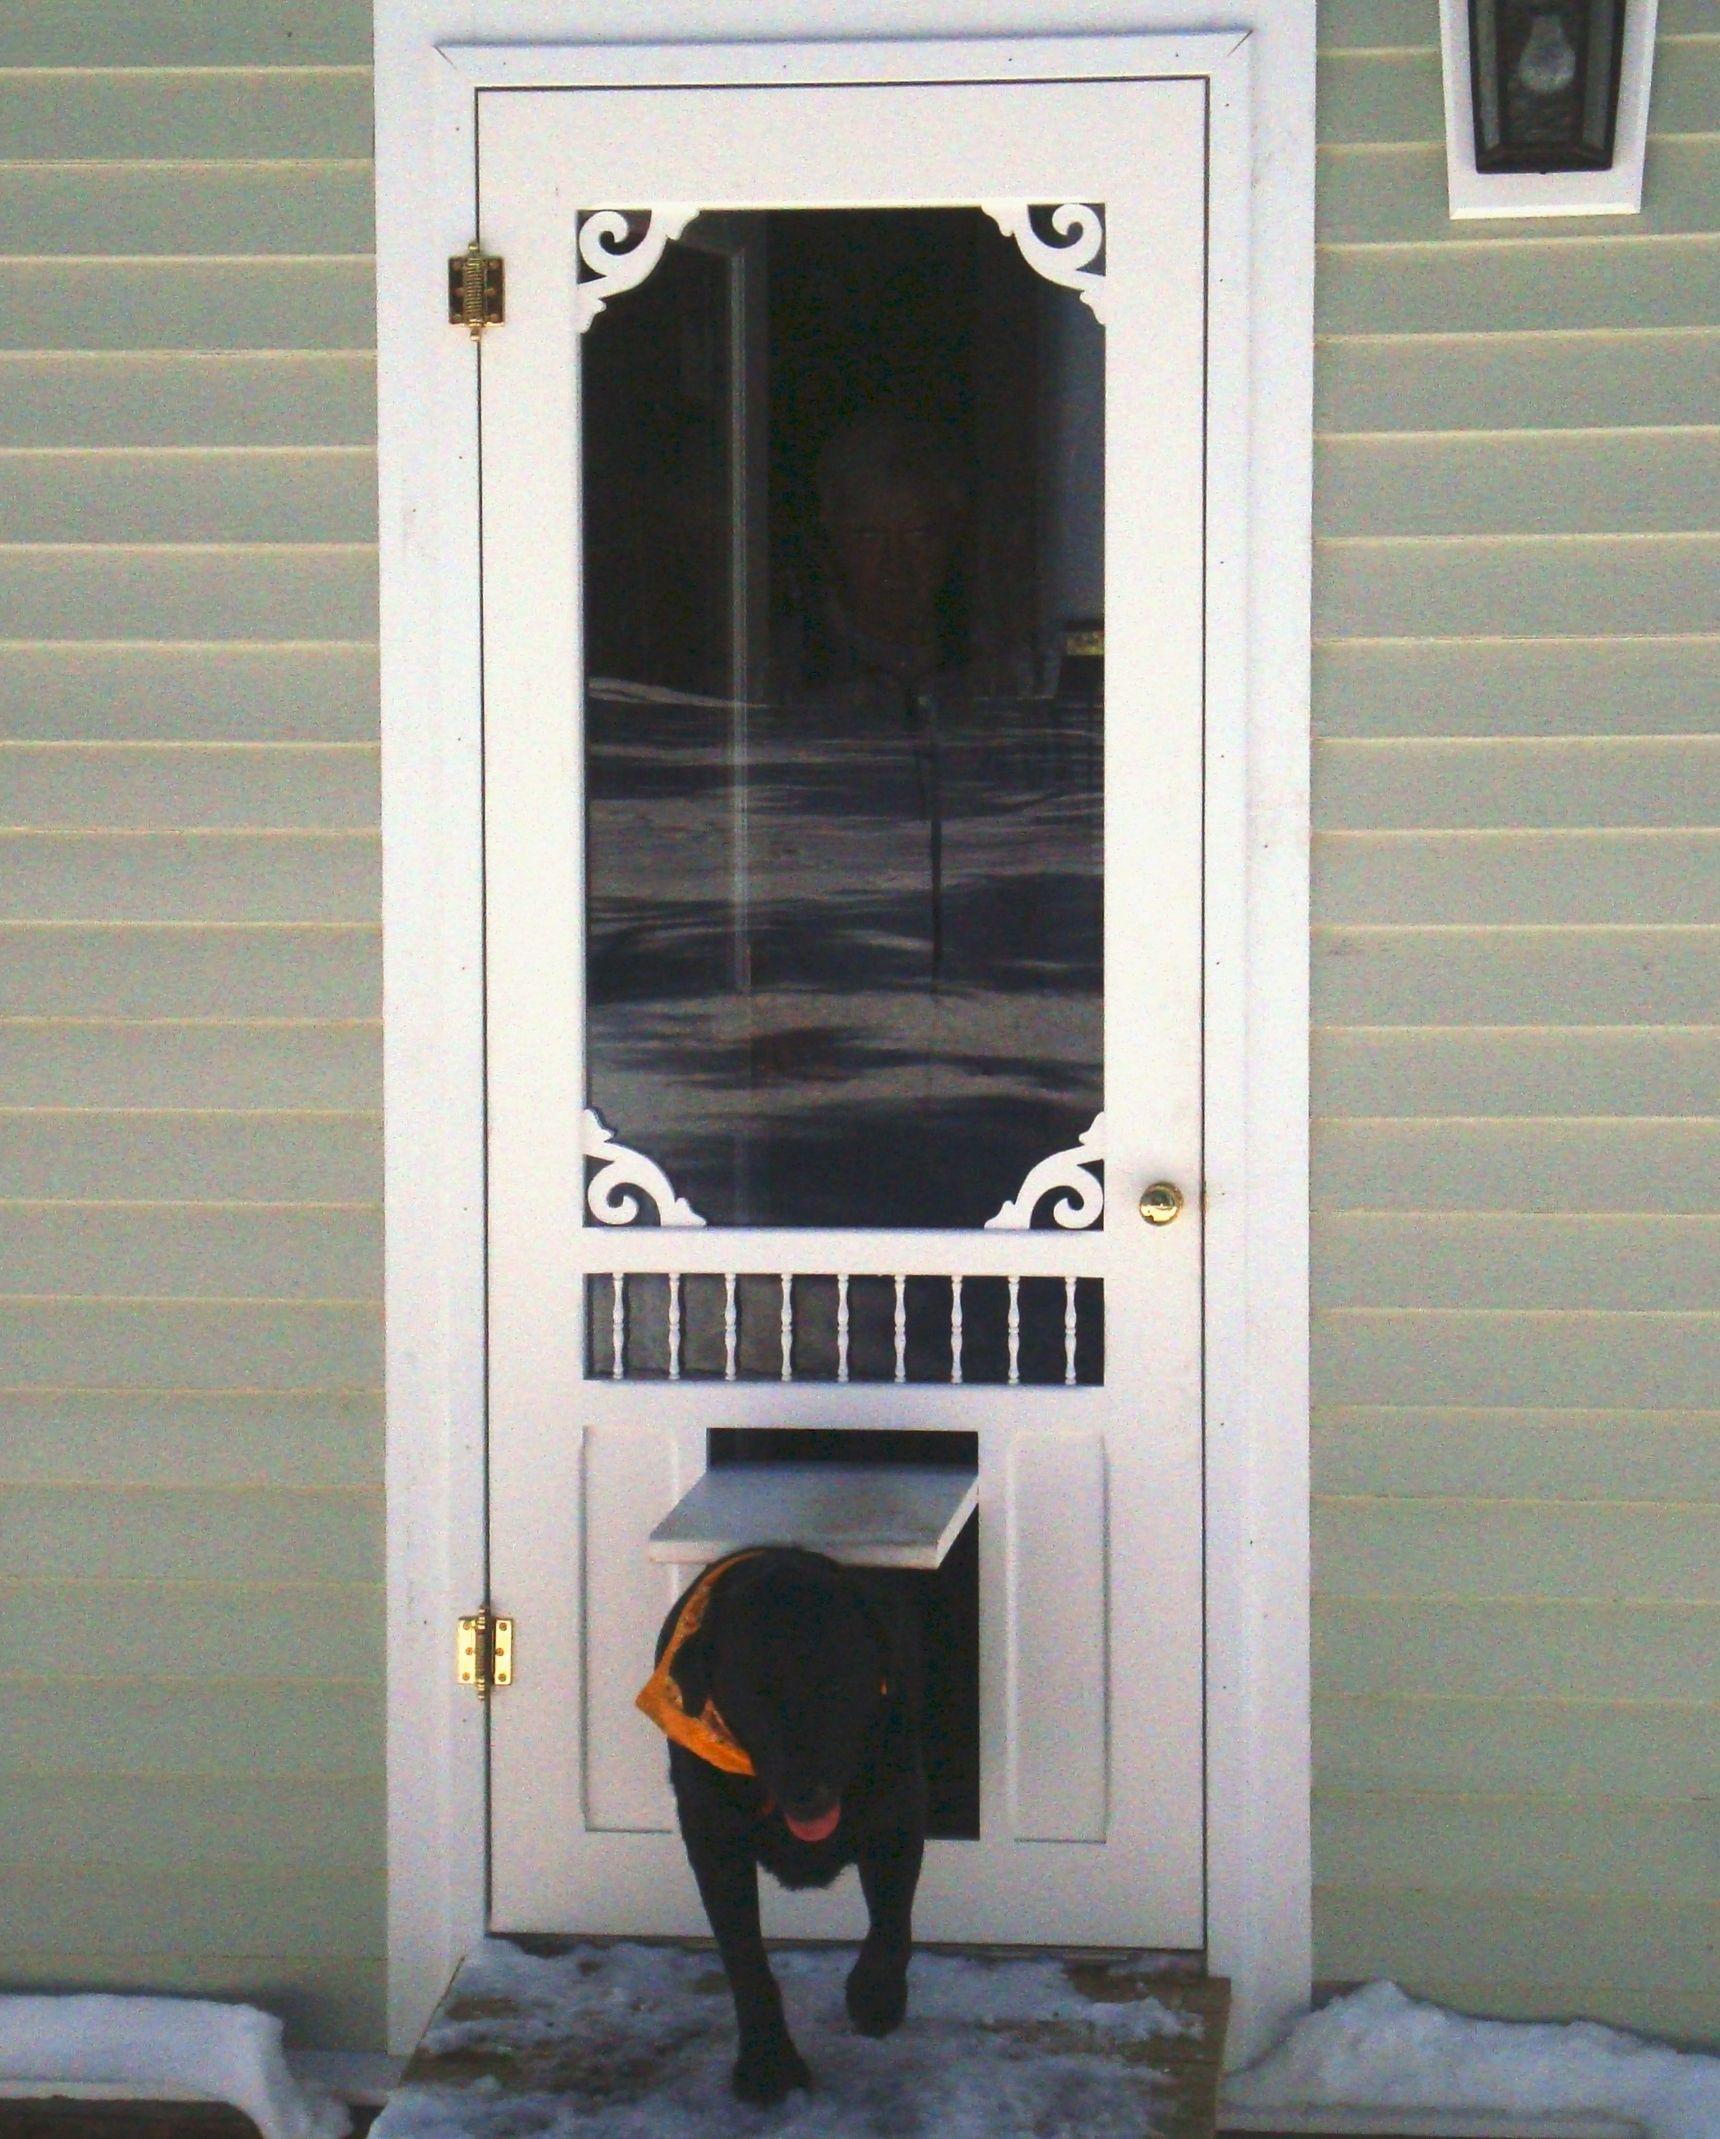 Pictures of front doors with storm doors - Pet Door Wisteria Screen Storm Door With P3 Pet Door Model Www